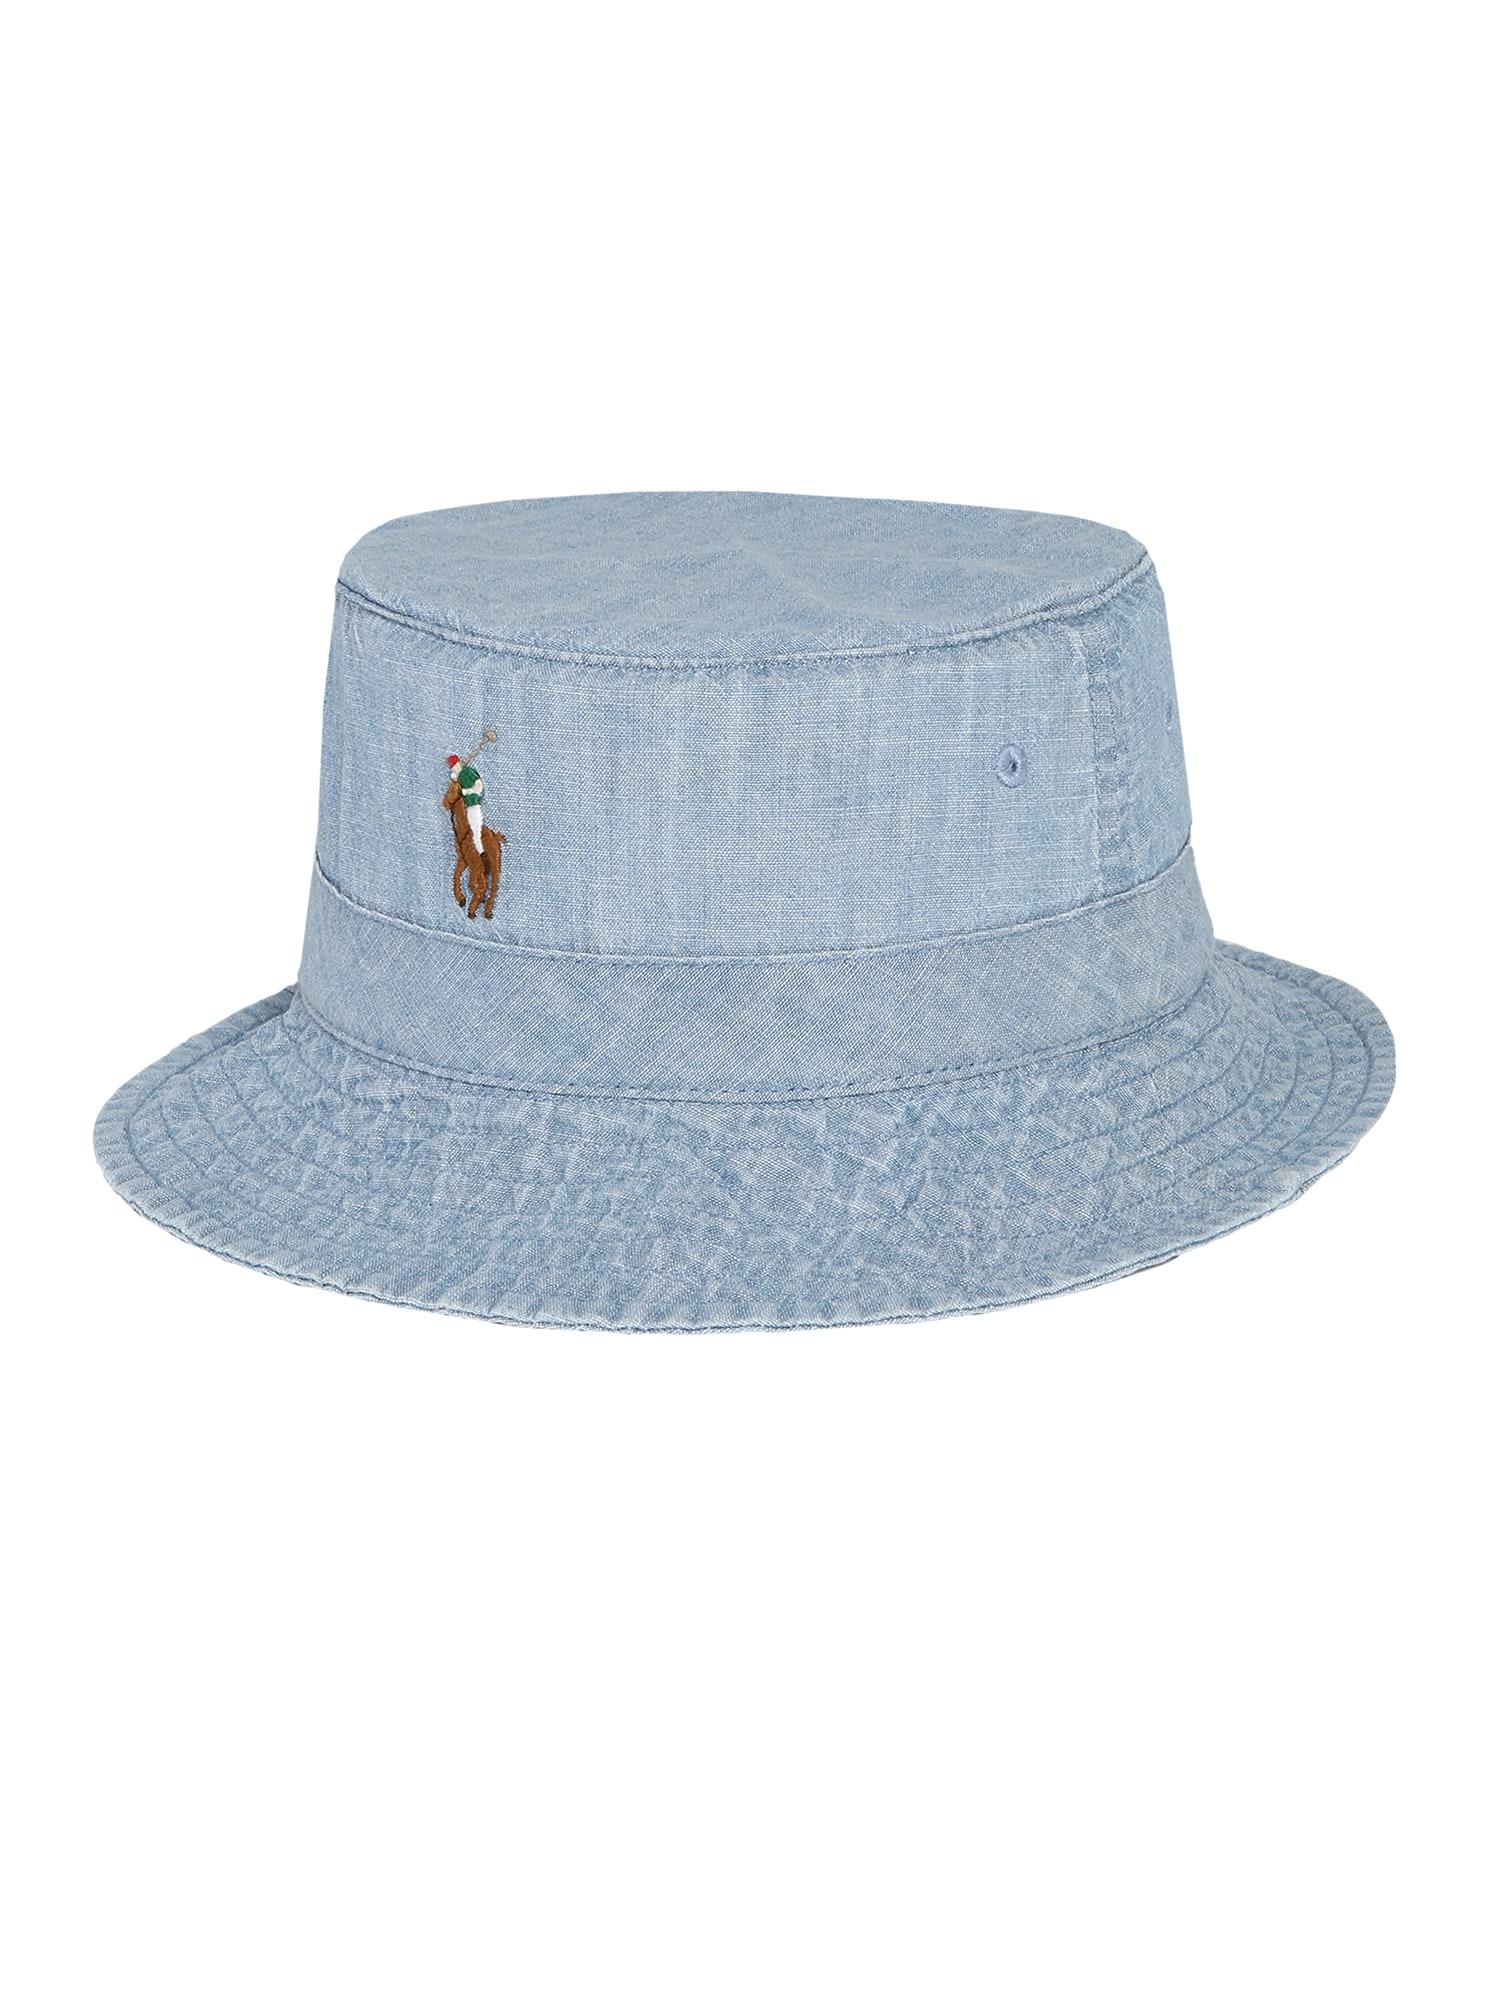 POLO RALPH LAUREN Čiapky 'BUCKET HAT'  modré / černicová